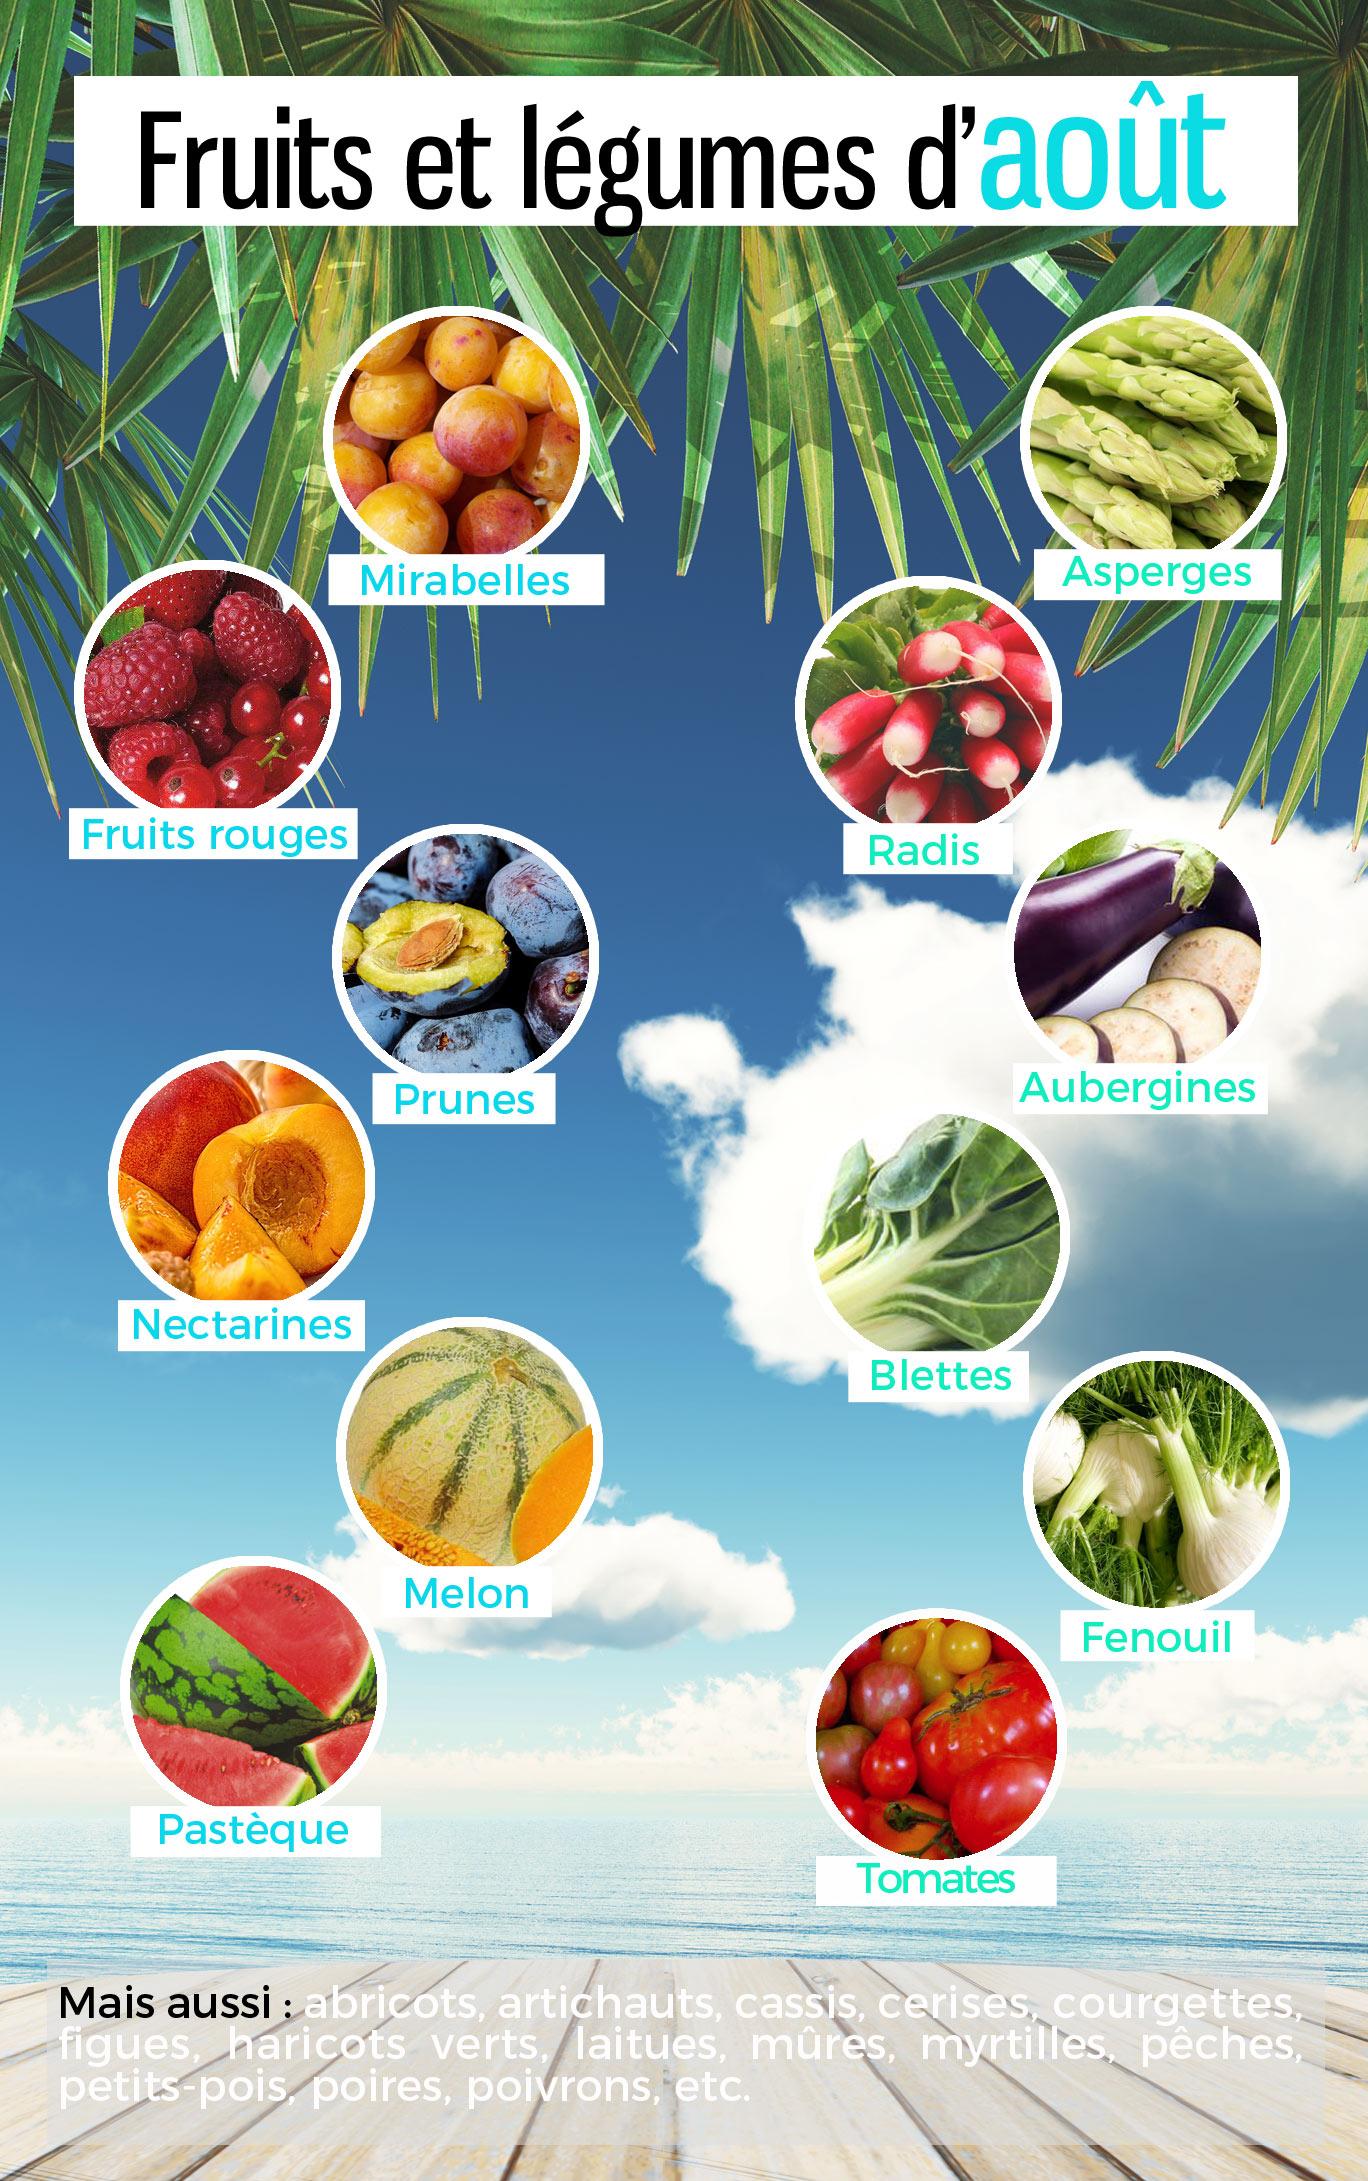 Les fruits et légumes de saison en août pour manger sain